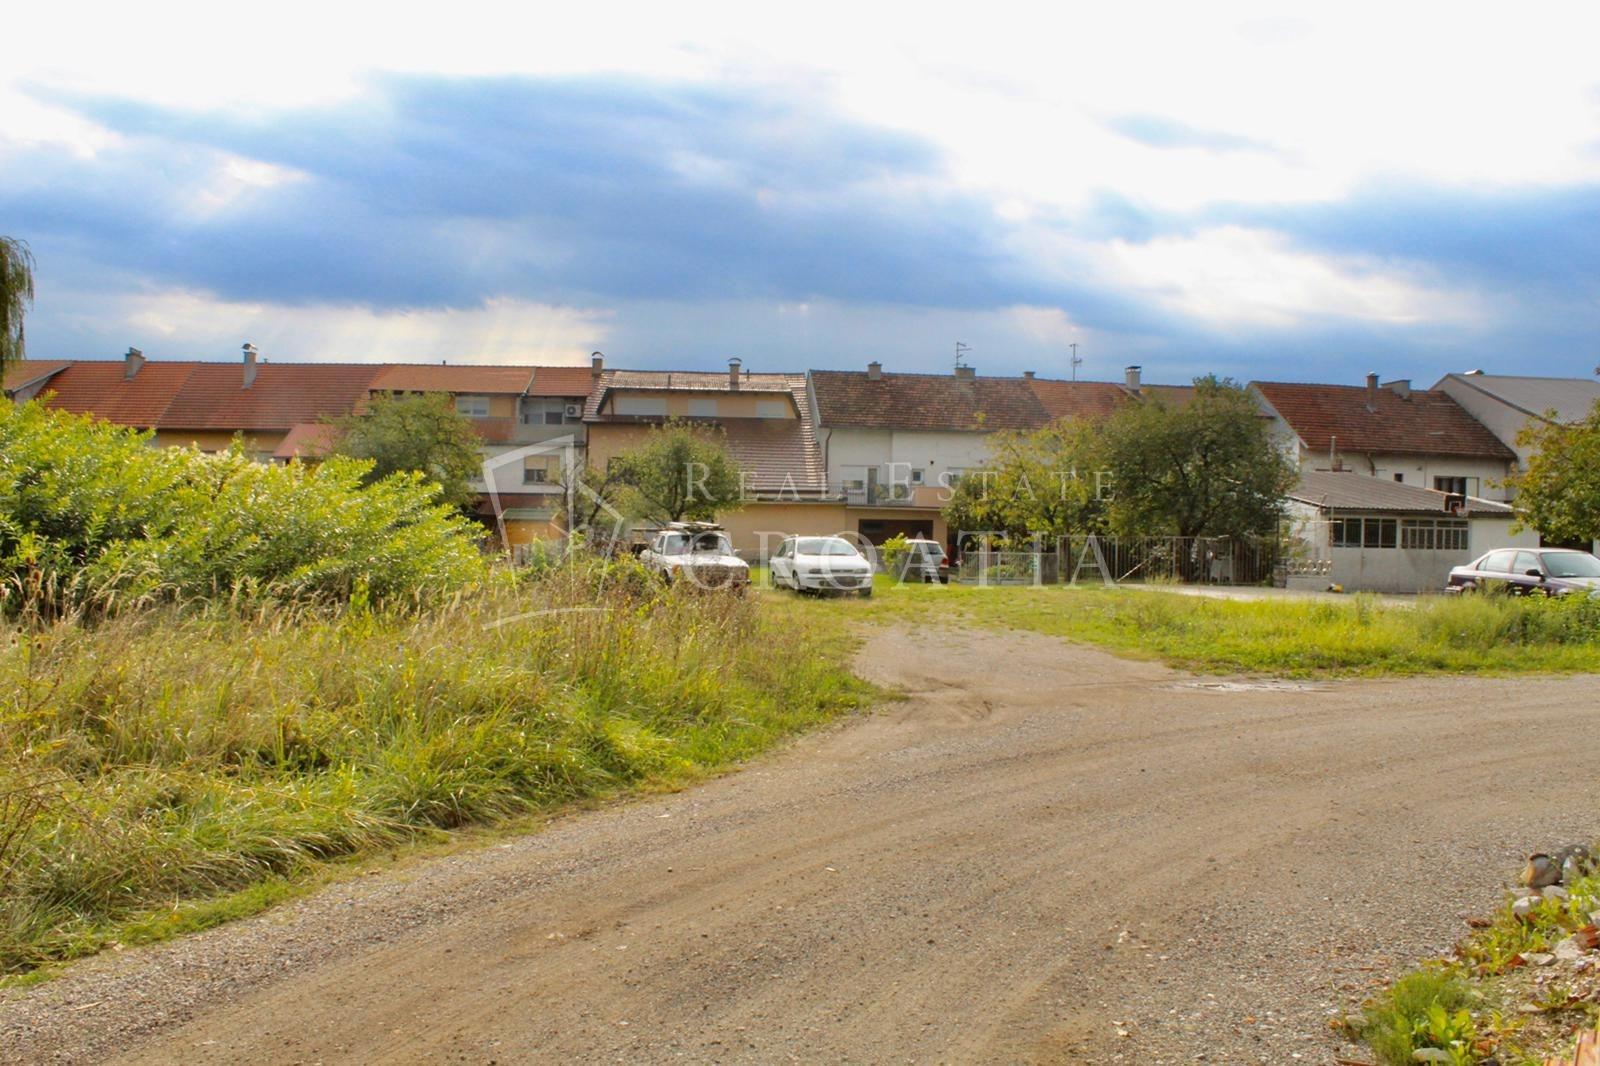 Građevinsko zemljište Dubec/Brestje